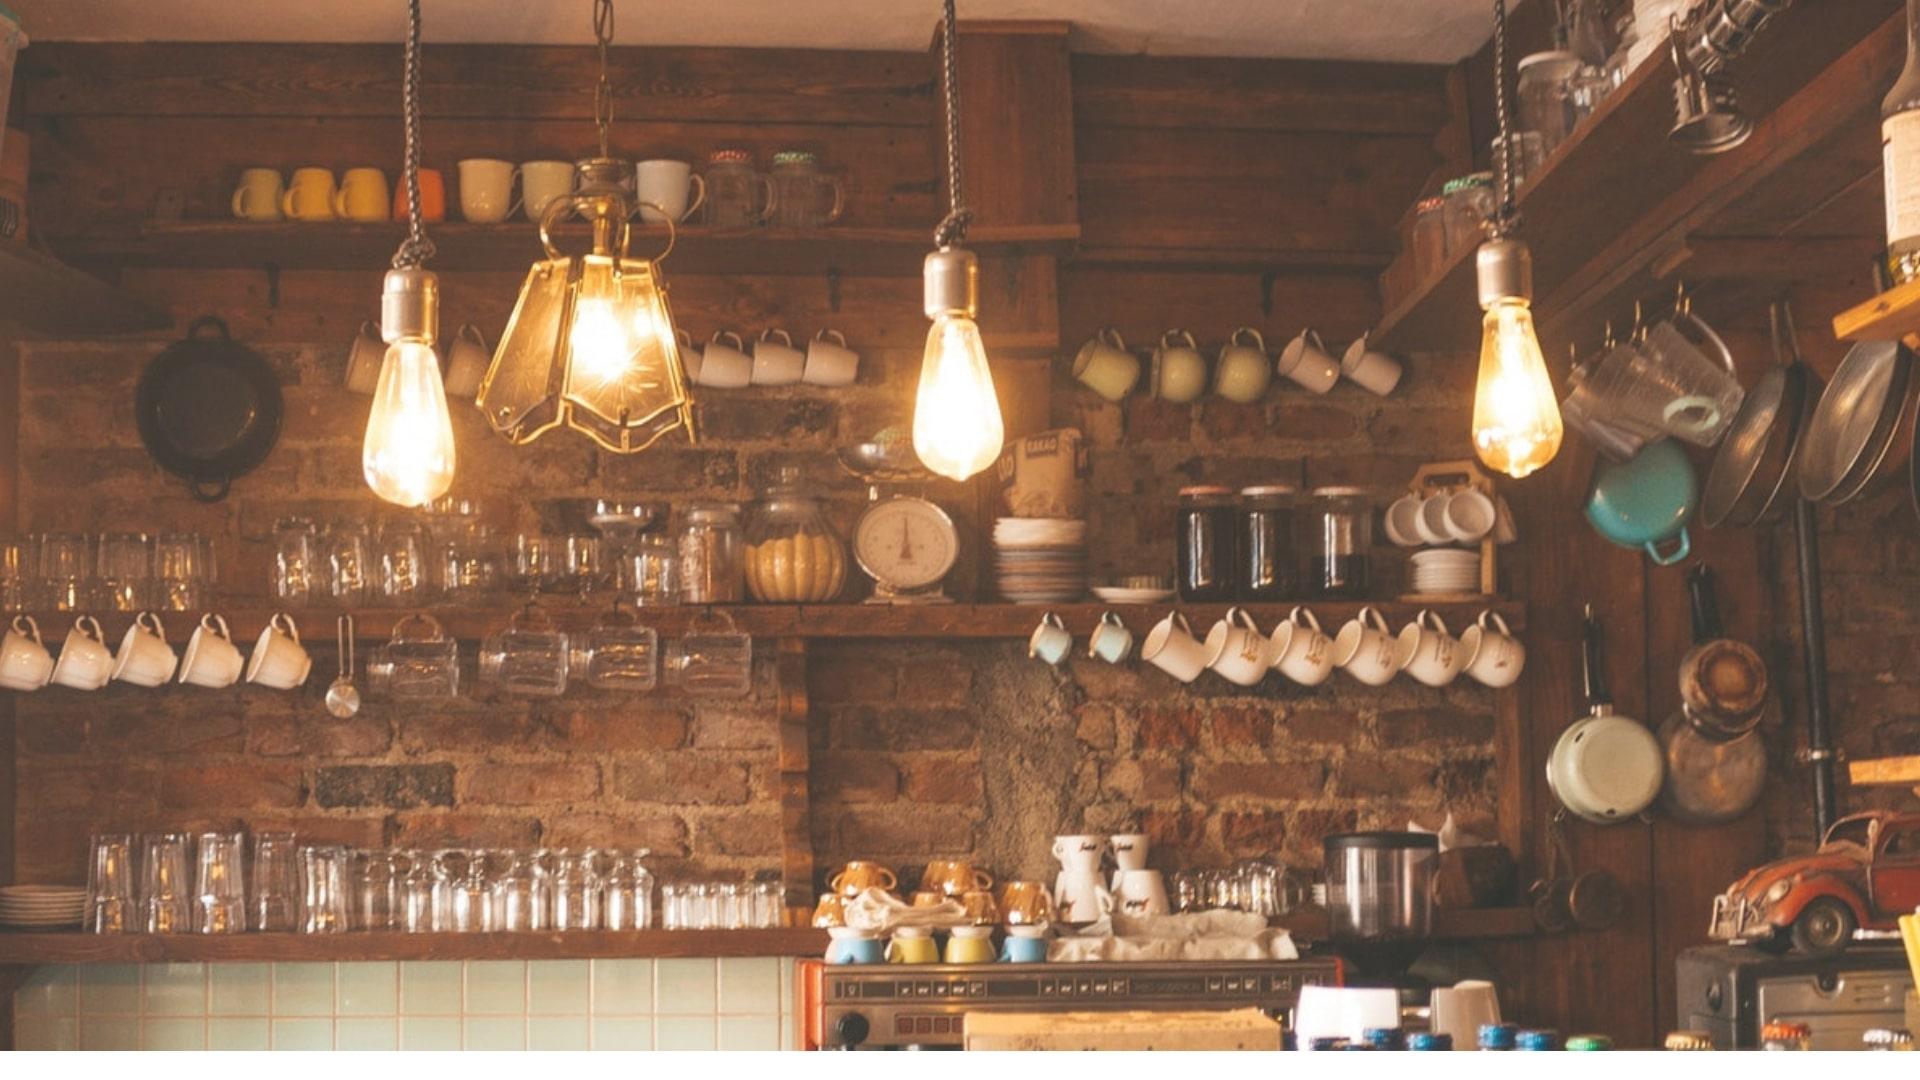 Gastronomen und Händler für das #imländle Radler by Lehner gesucht